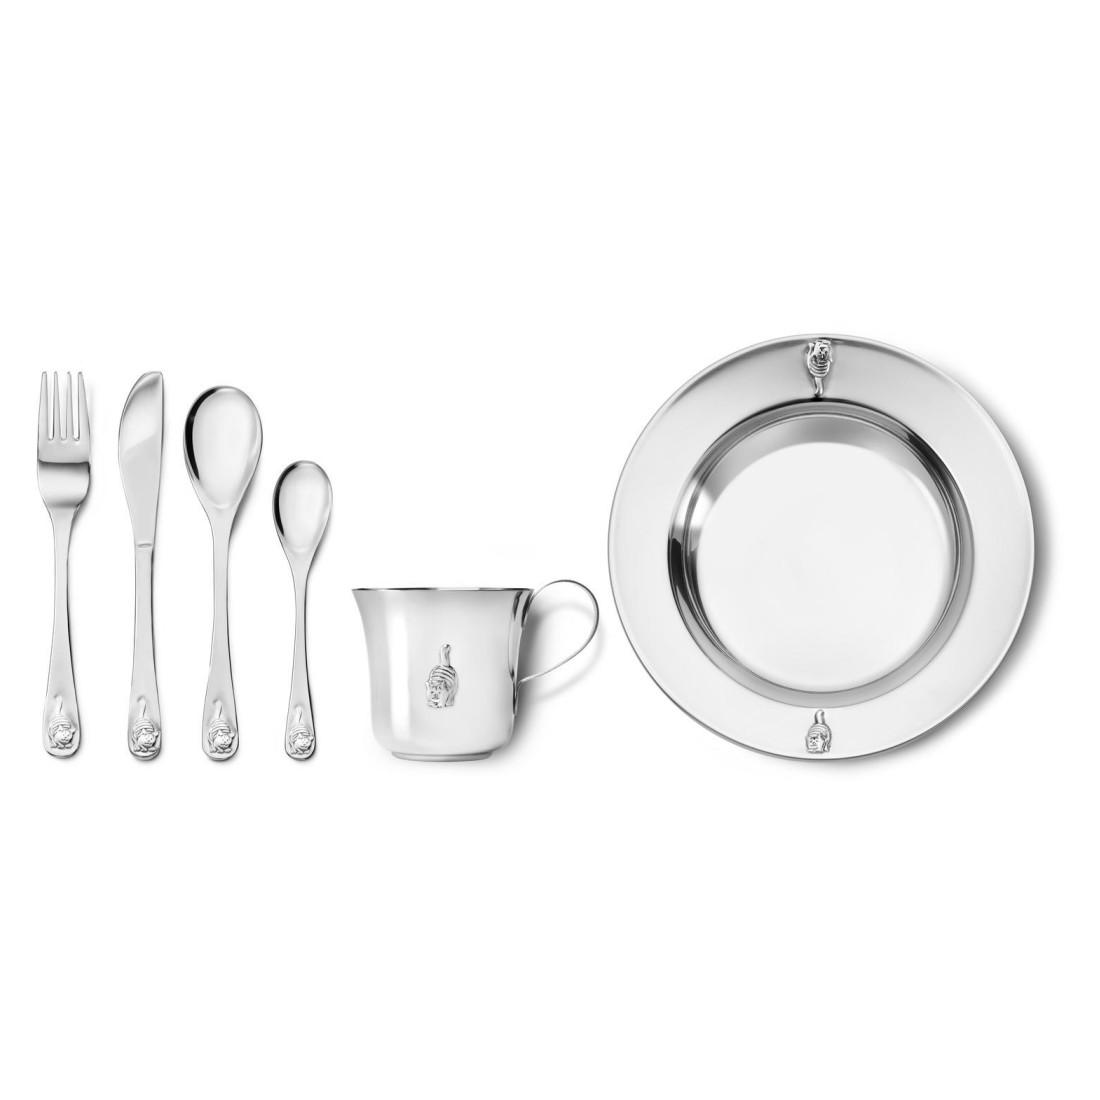 Kinderbesteck Dikkie Dik (6-teilig) – Metall – Silber, Zilverstad kaufen